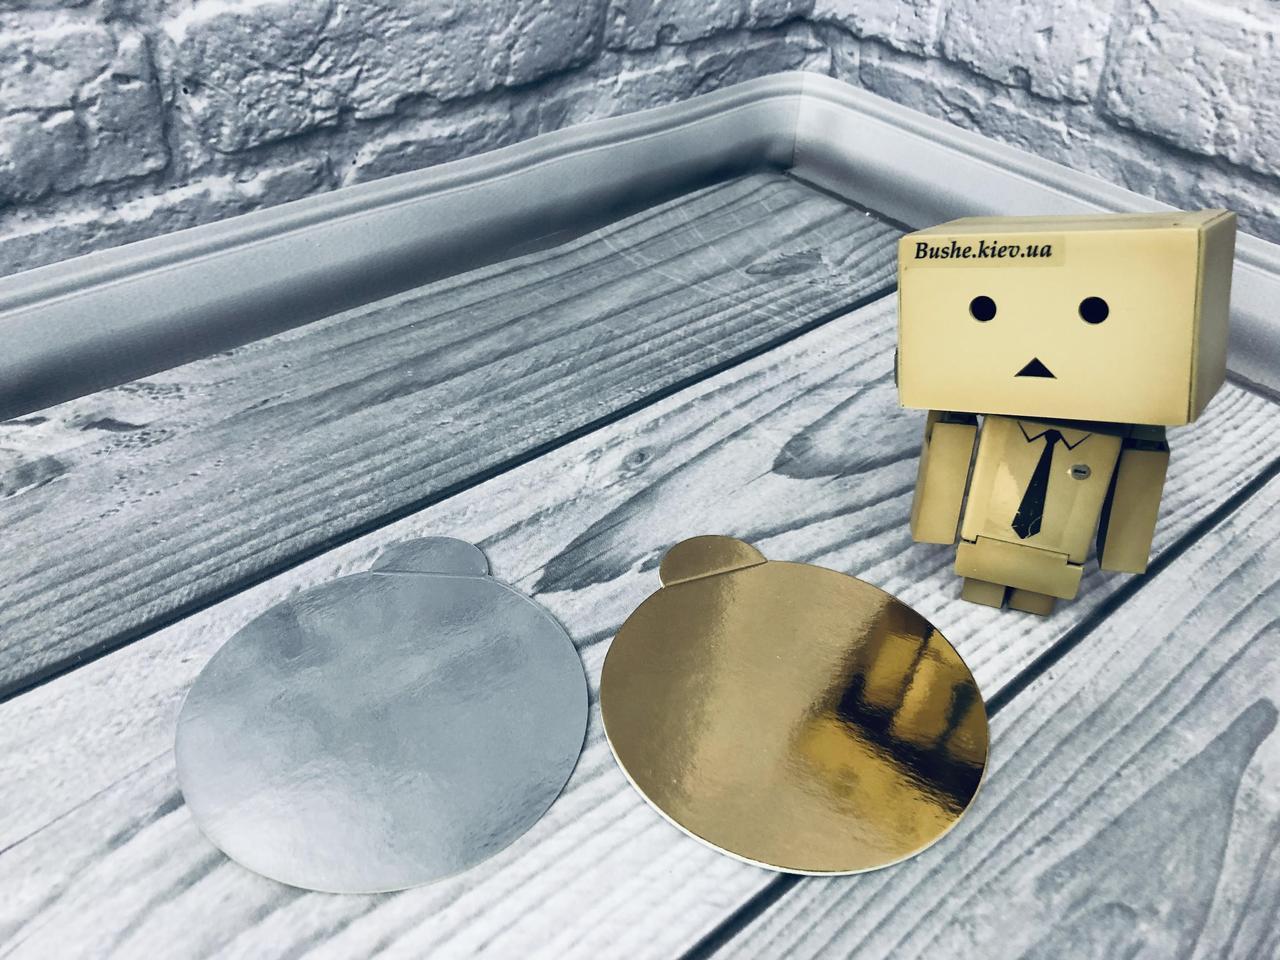 *100 шт* / Подложка под пирожное 9см-РУЧ, Золото-серебро, 90мм/мин 100 шт